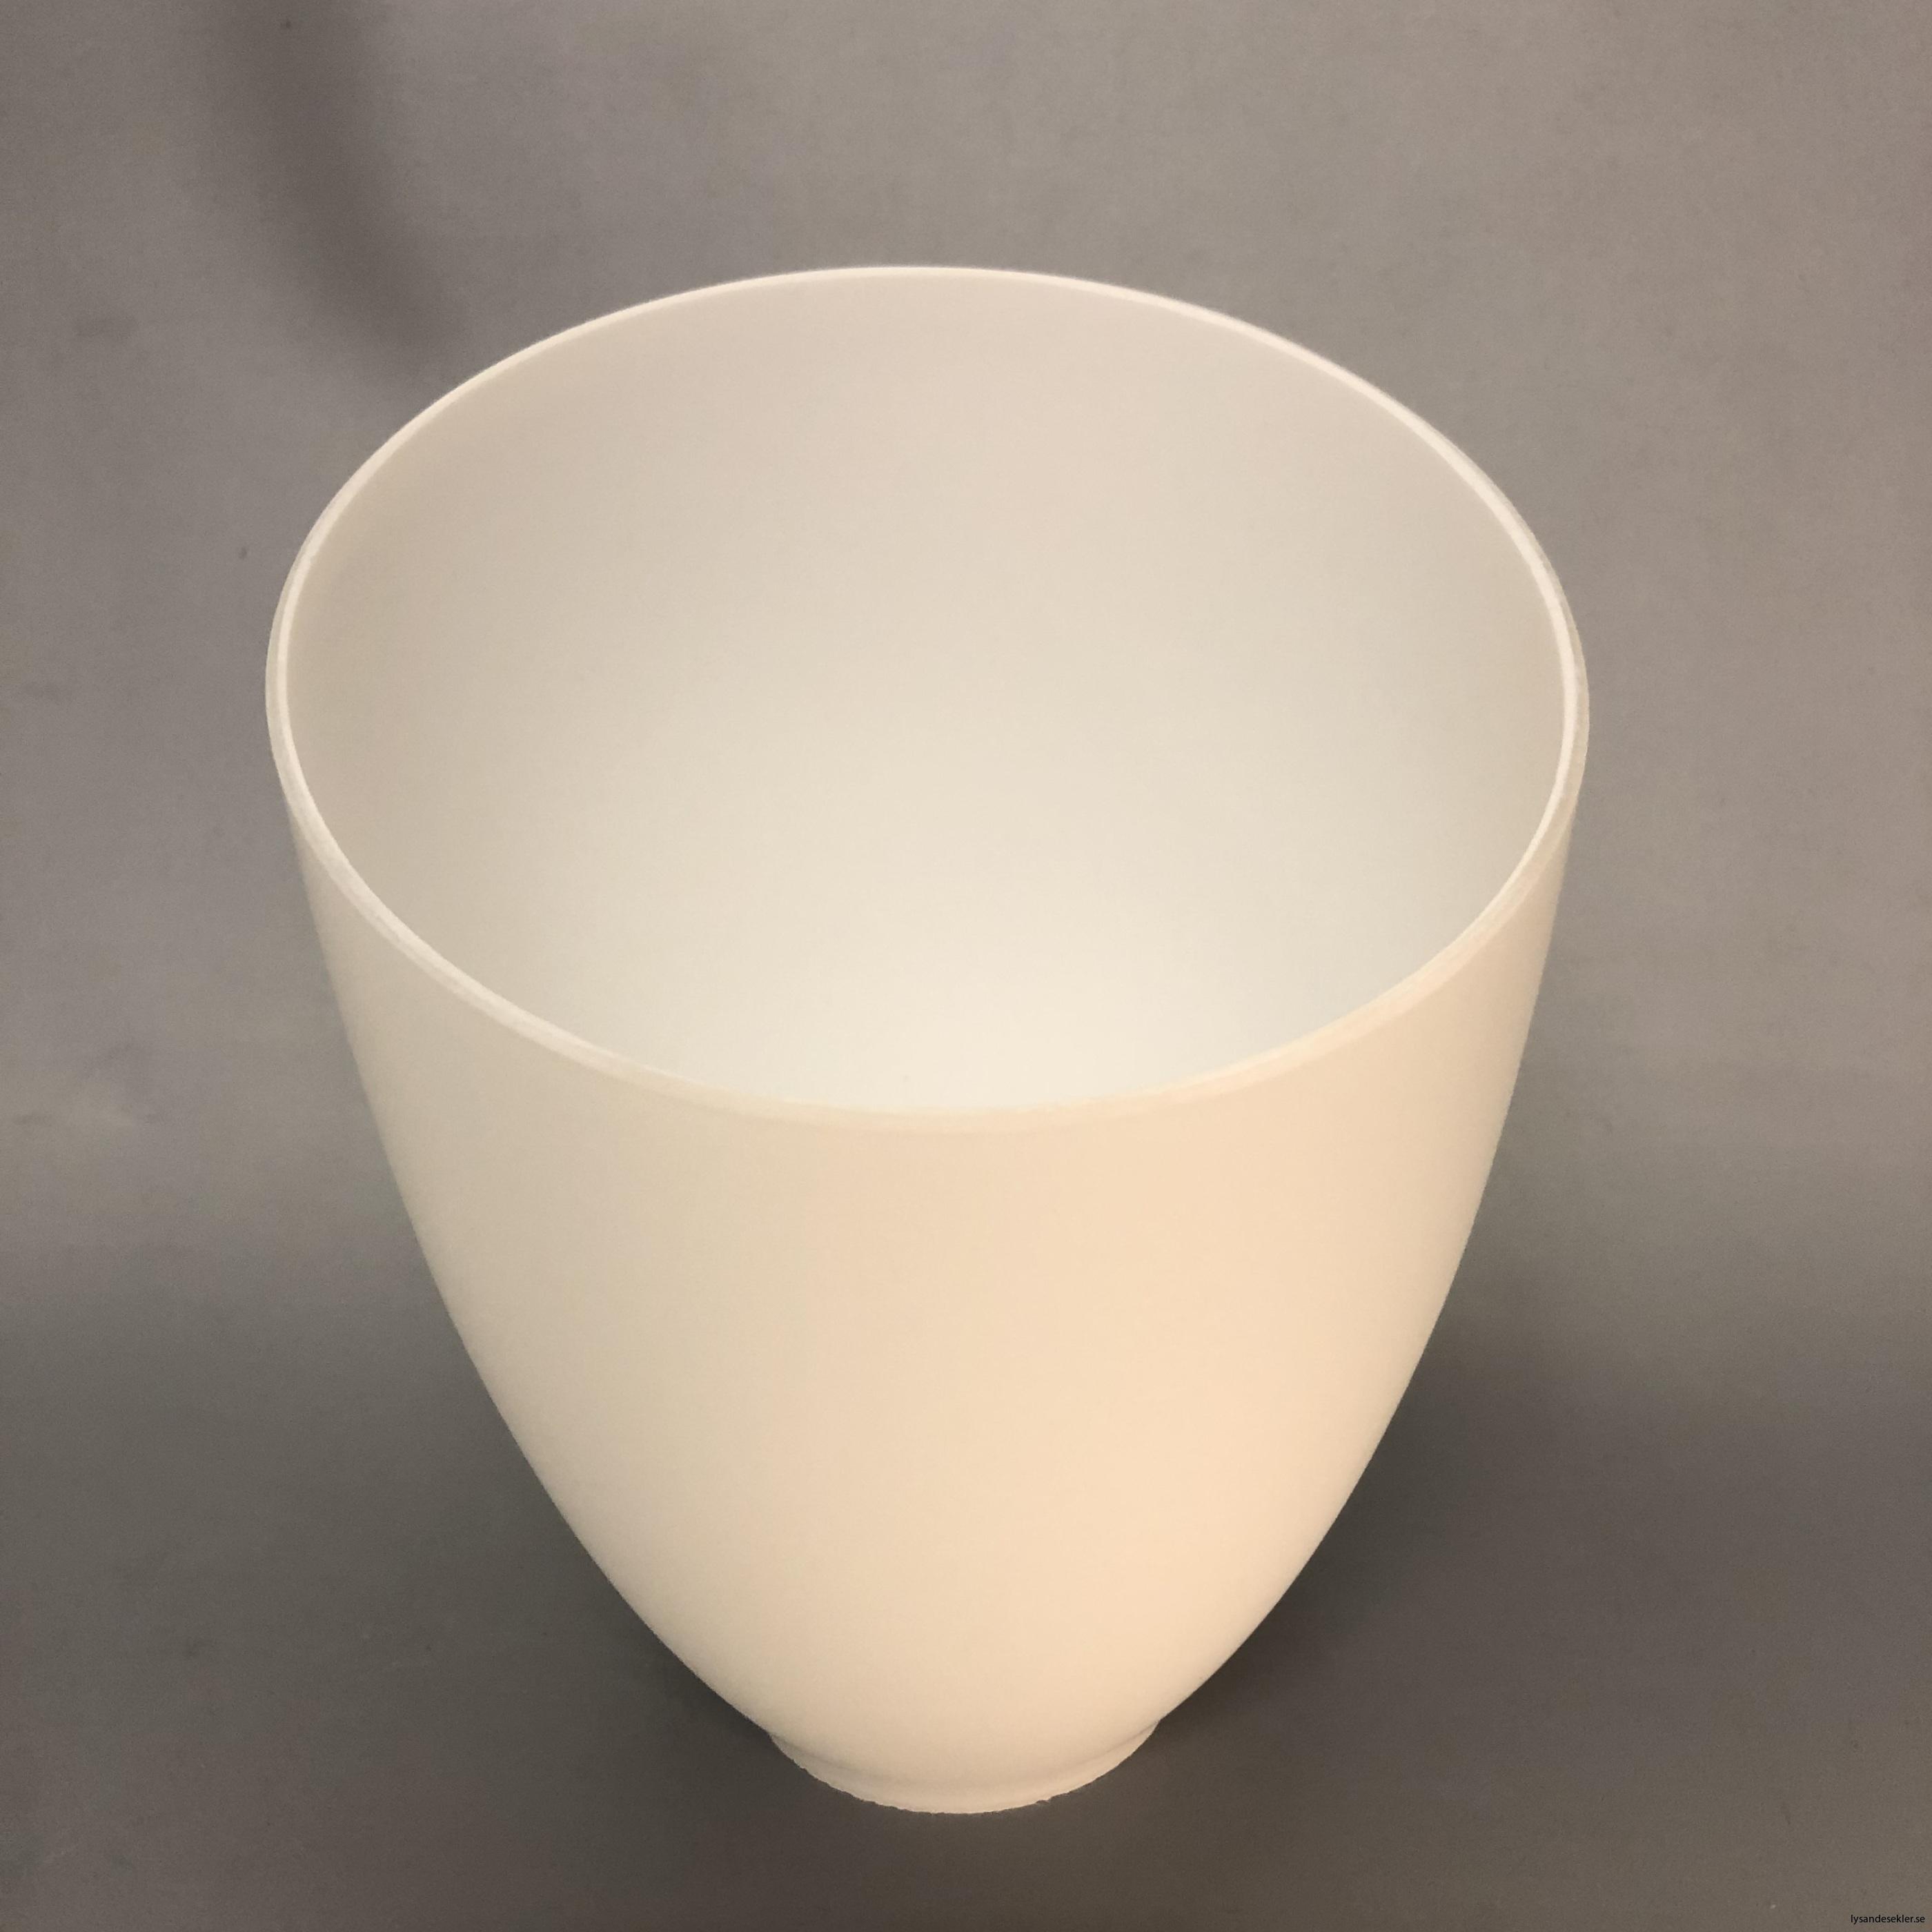 snedskuren lampskärm med hål i matt glas5